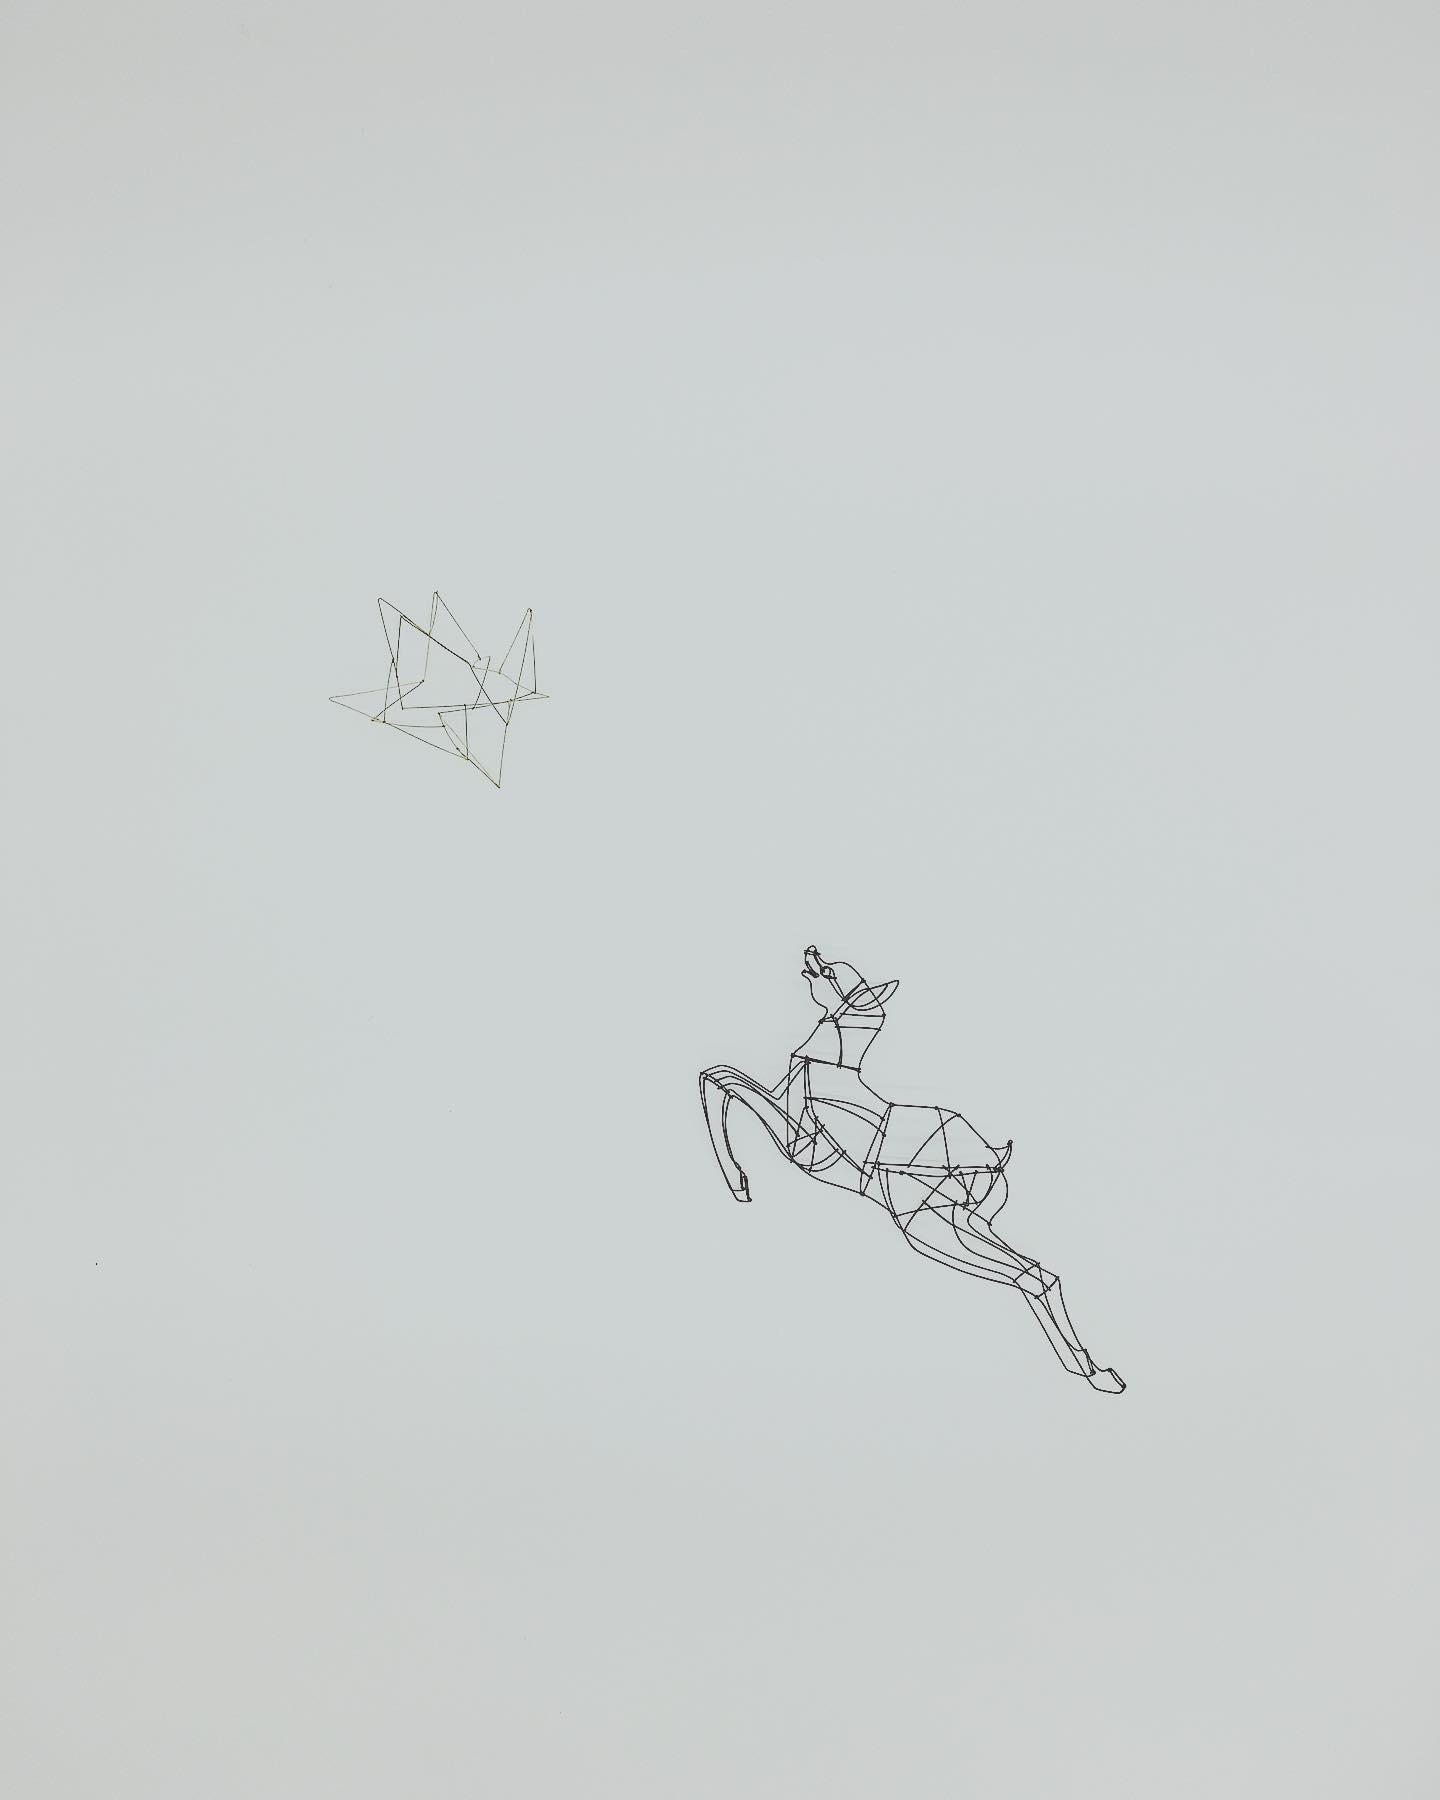 企画展示出品のお知らせ in大阪